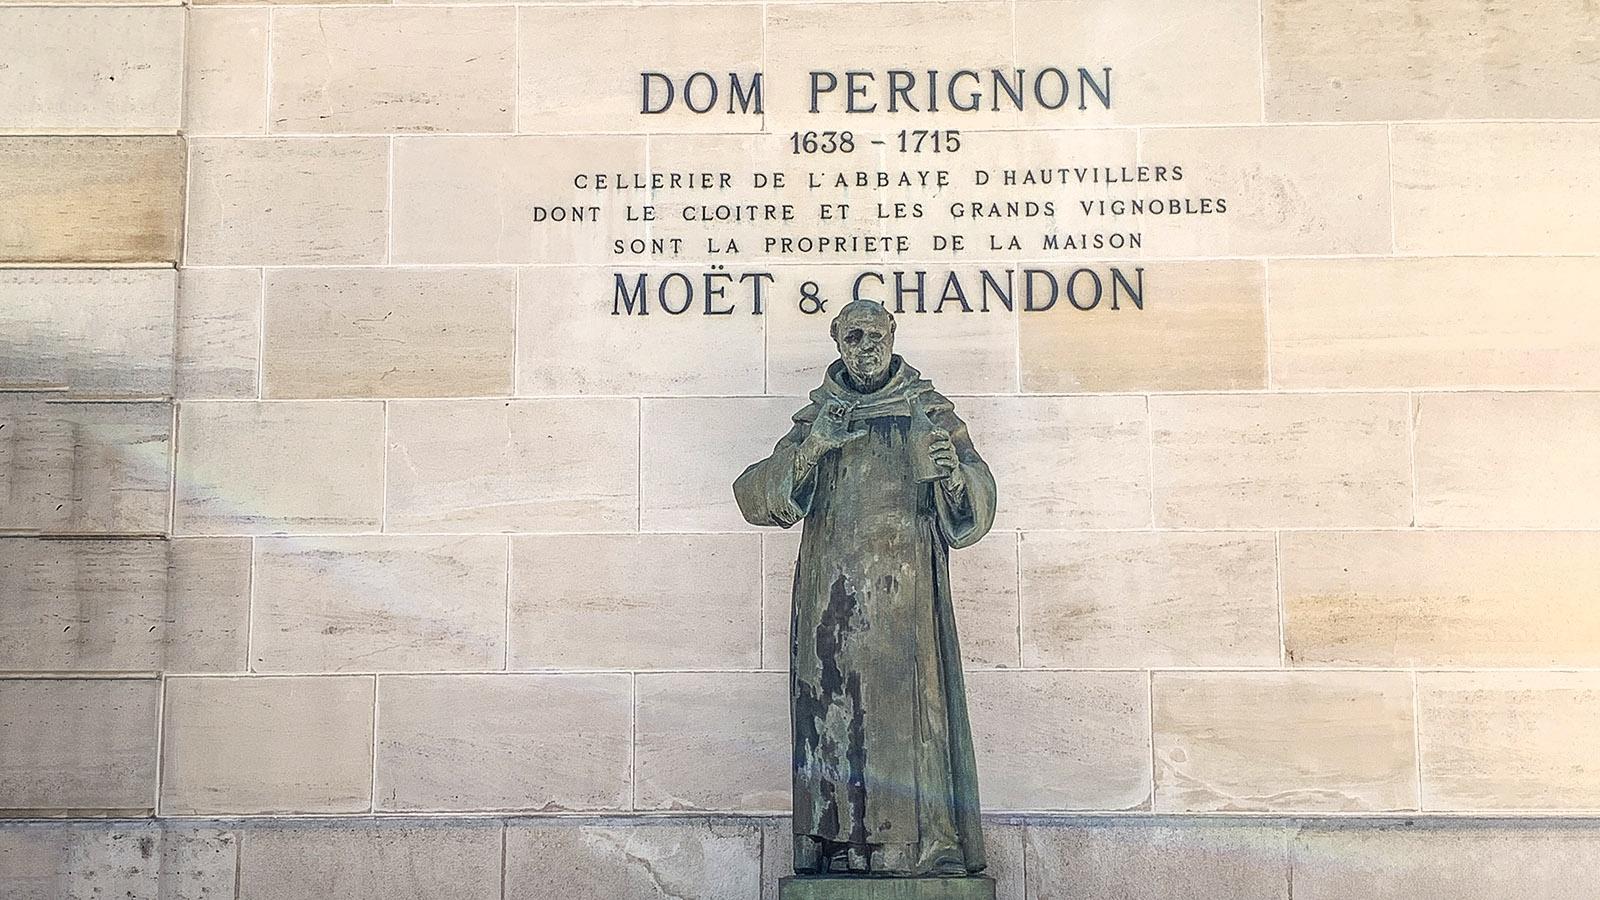 Épernay: Bei Moët & Chandon erinnert an Denkmal an den Mönch Dom Perignon. Foto: Hike Maunder